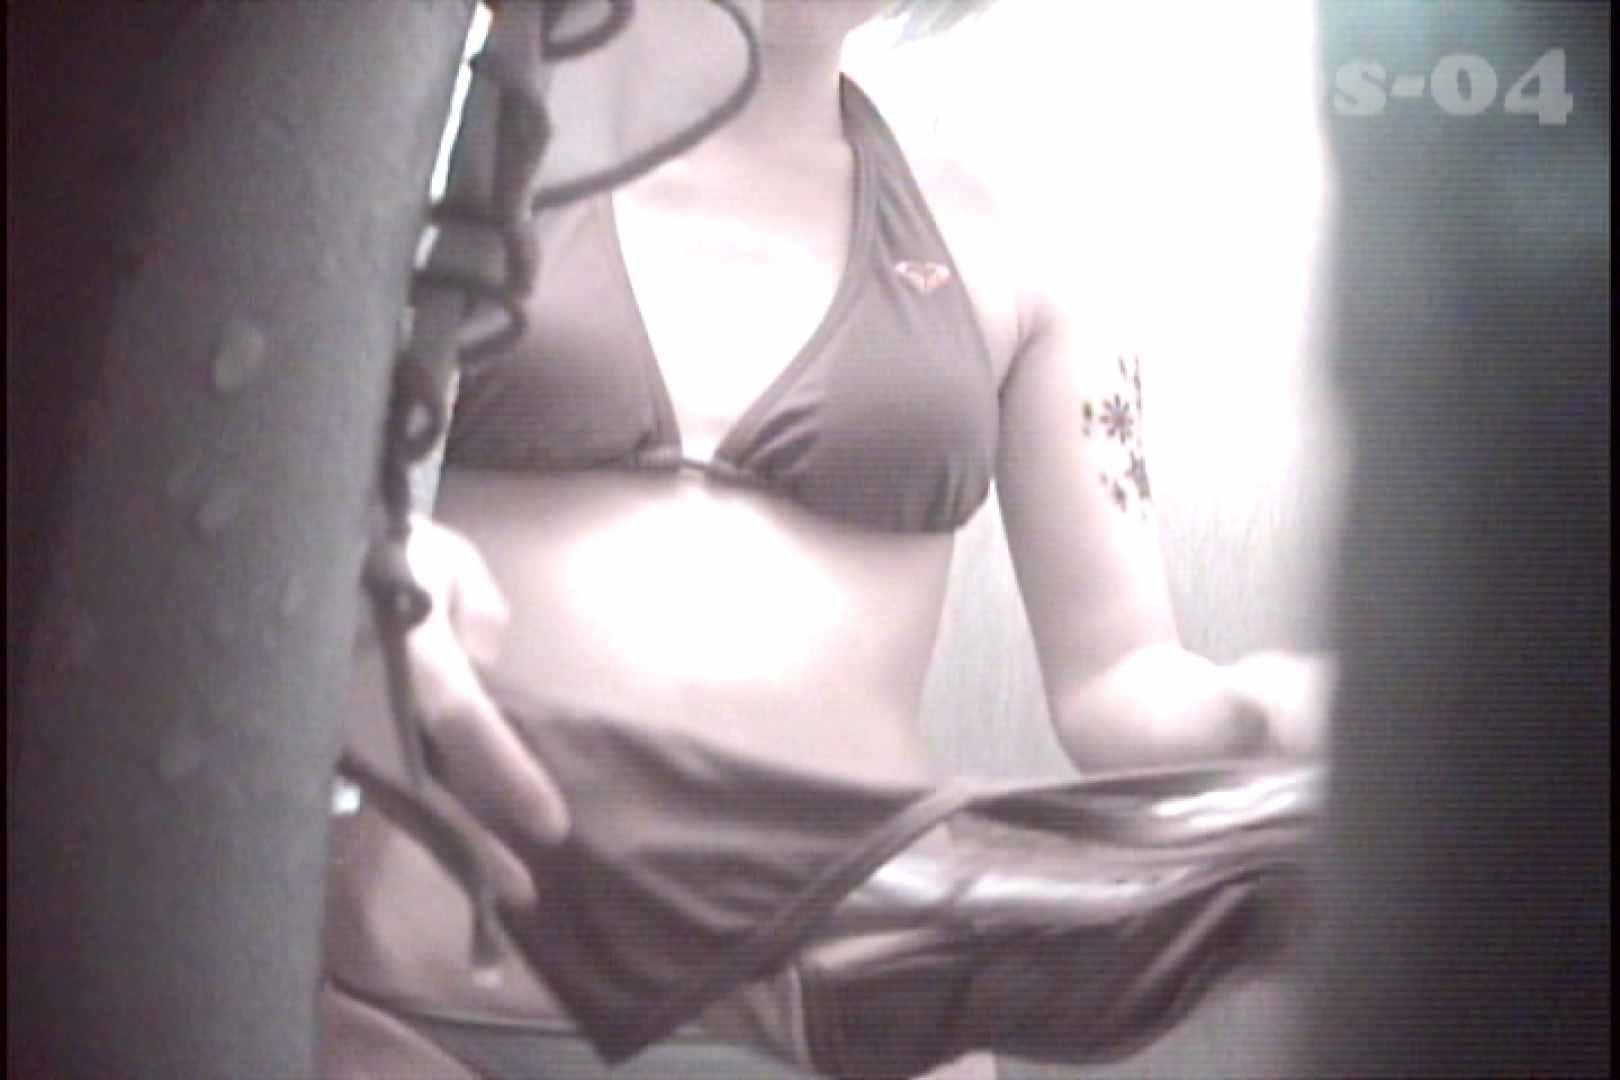 File.27 薄めの陰毛だからワレメがはっきりと! おまんこ無修正 AV無料 48画像 41